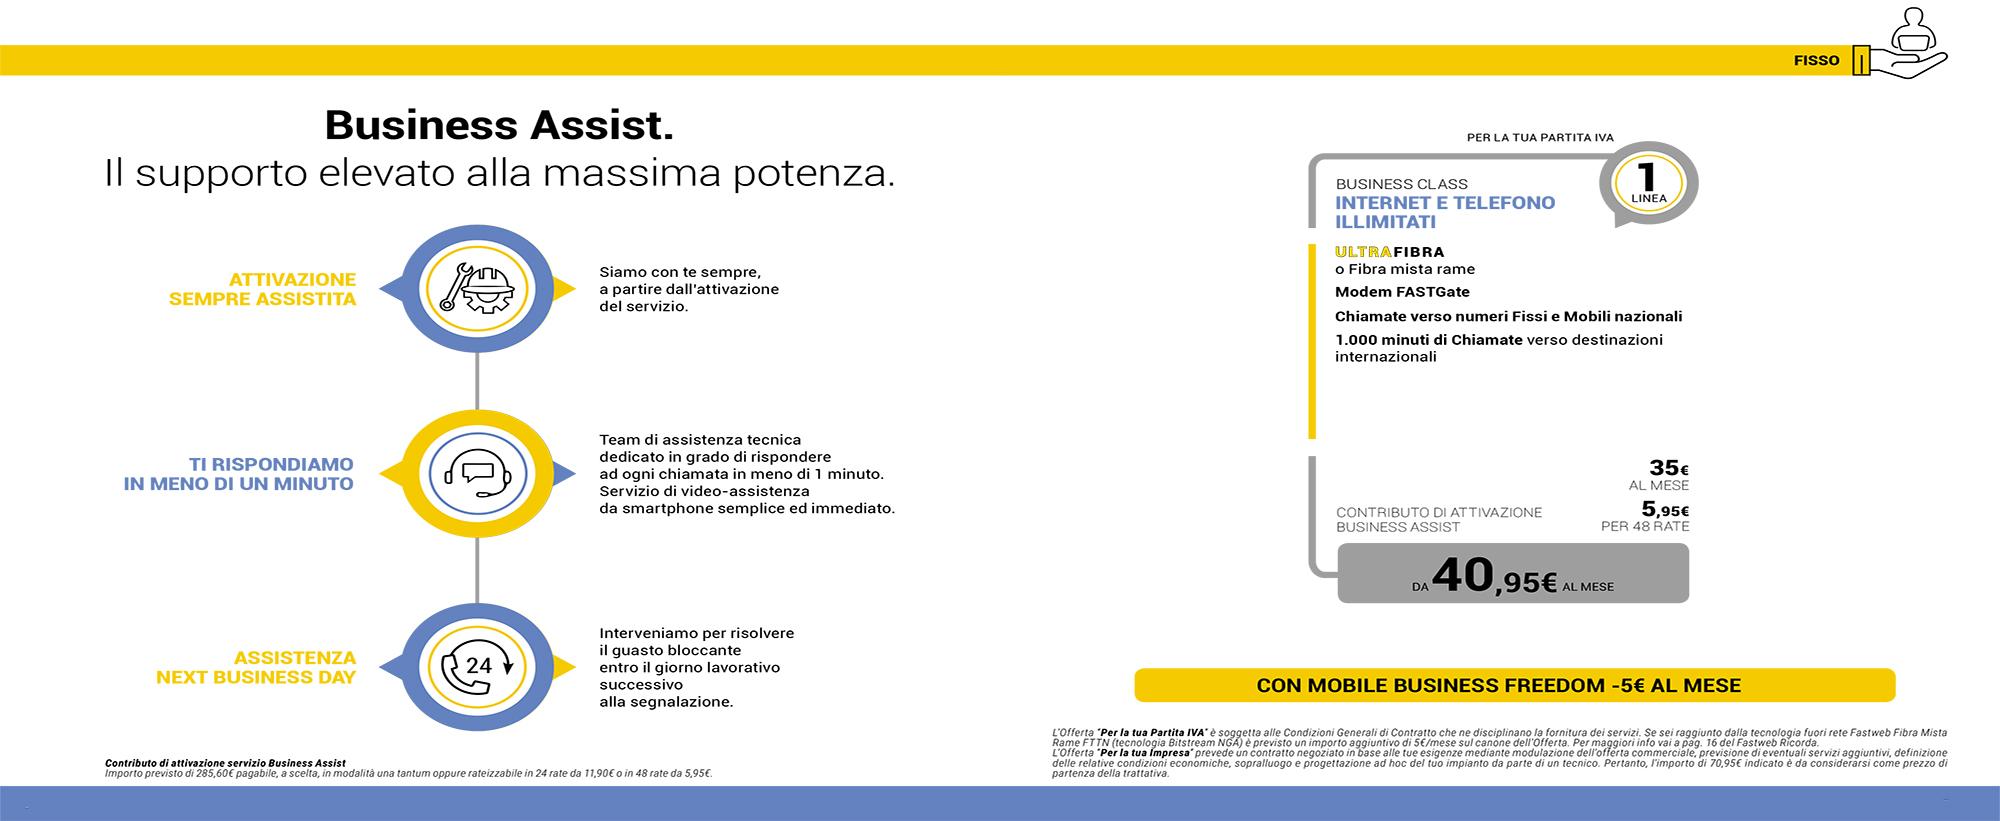 Partita-iva-Fastweb-Aziende-1-linea-business